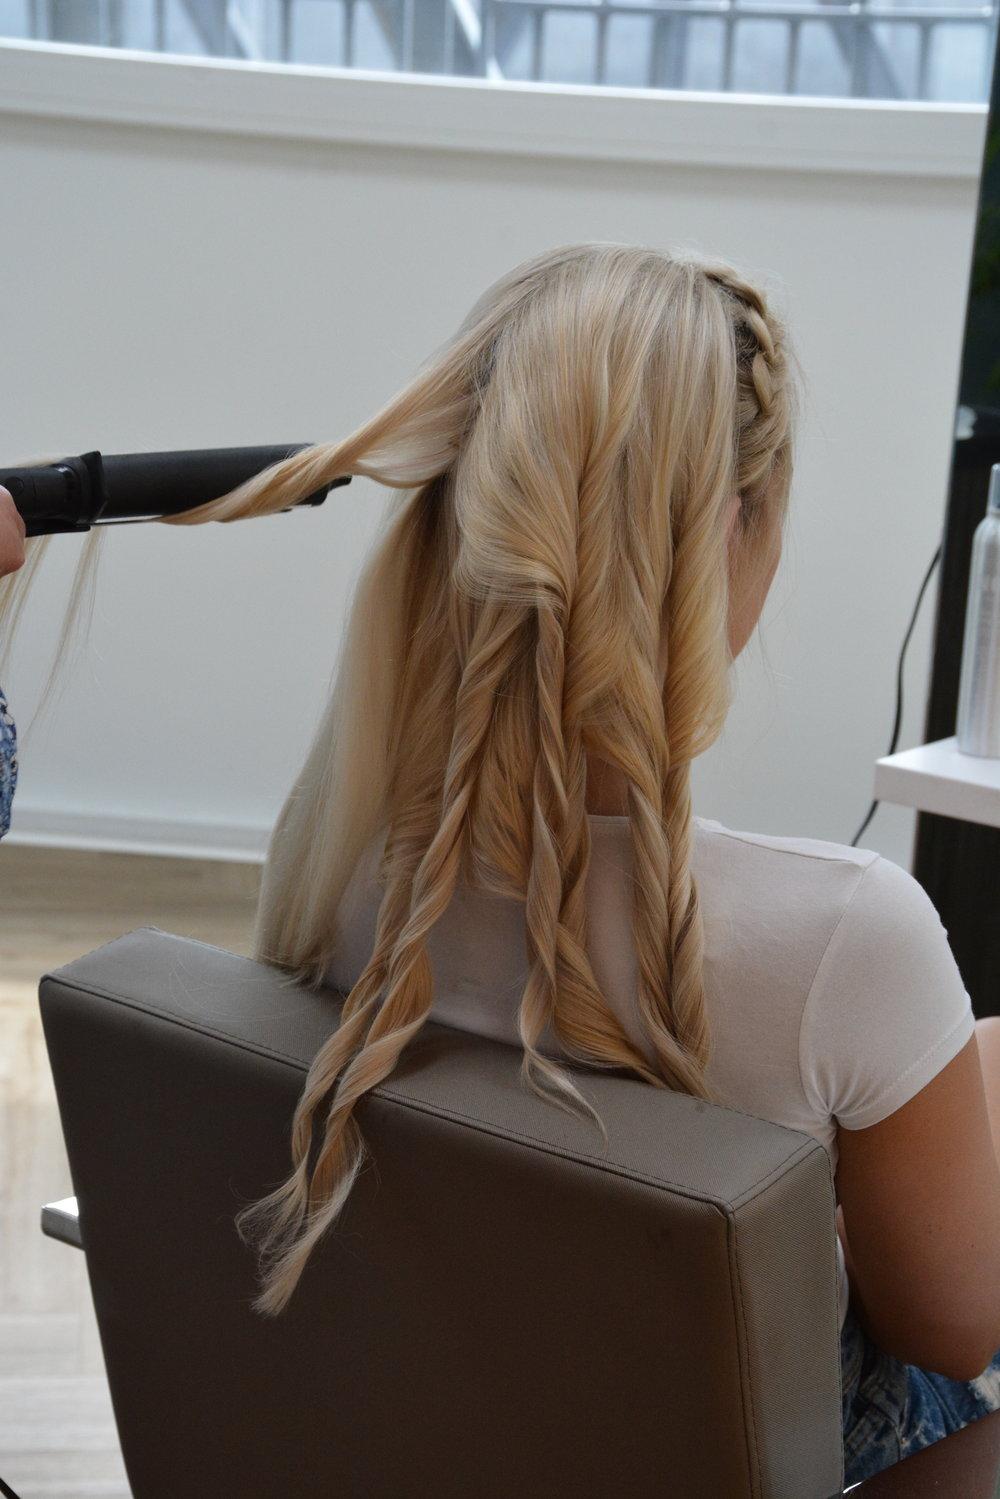 Start med å holde krølltangen oppover. Krøll innerst av hårdelen, dra litt ut, tvist (slipp ut håret som ikke ligger i klypen, snurr krølltangen rundt og dra tangen litt ut fra håret. Gjenta hele veien ut til spiss.